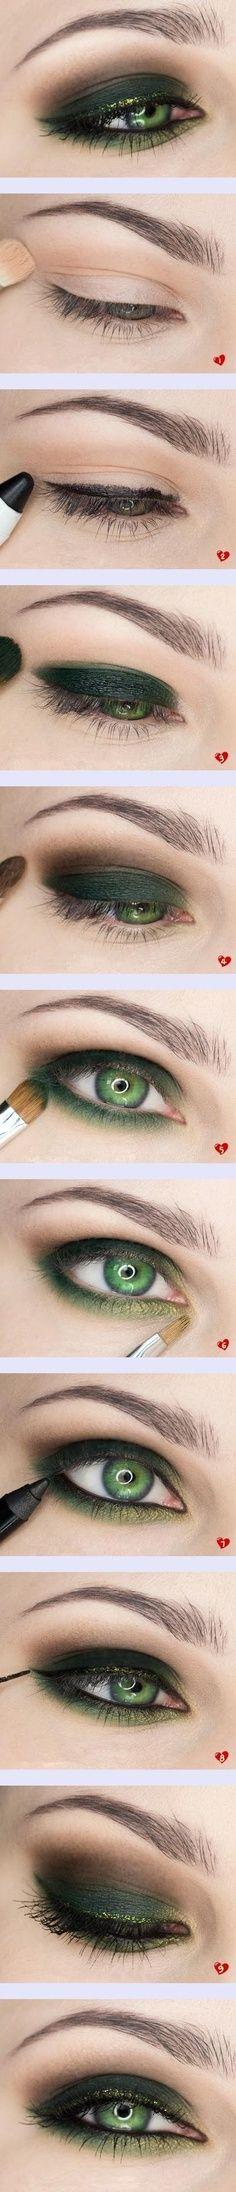 Haz tus ojos misteriosos para una salida nocturna con este tutorial